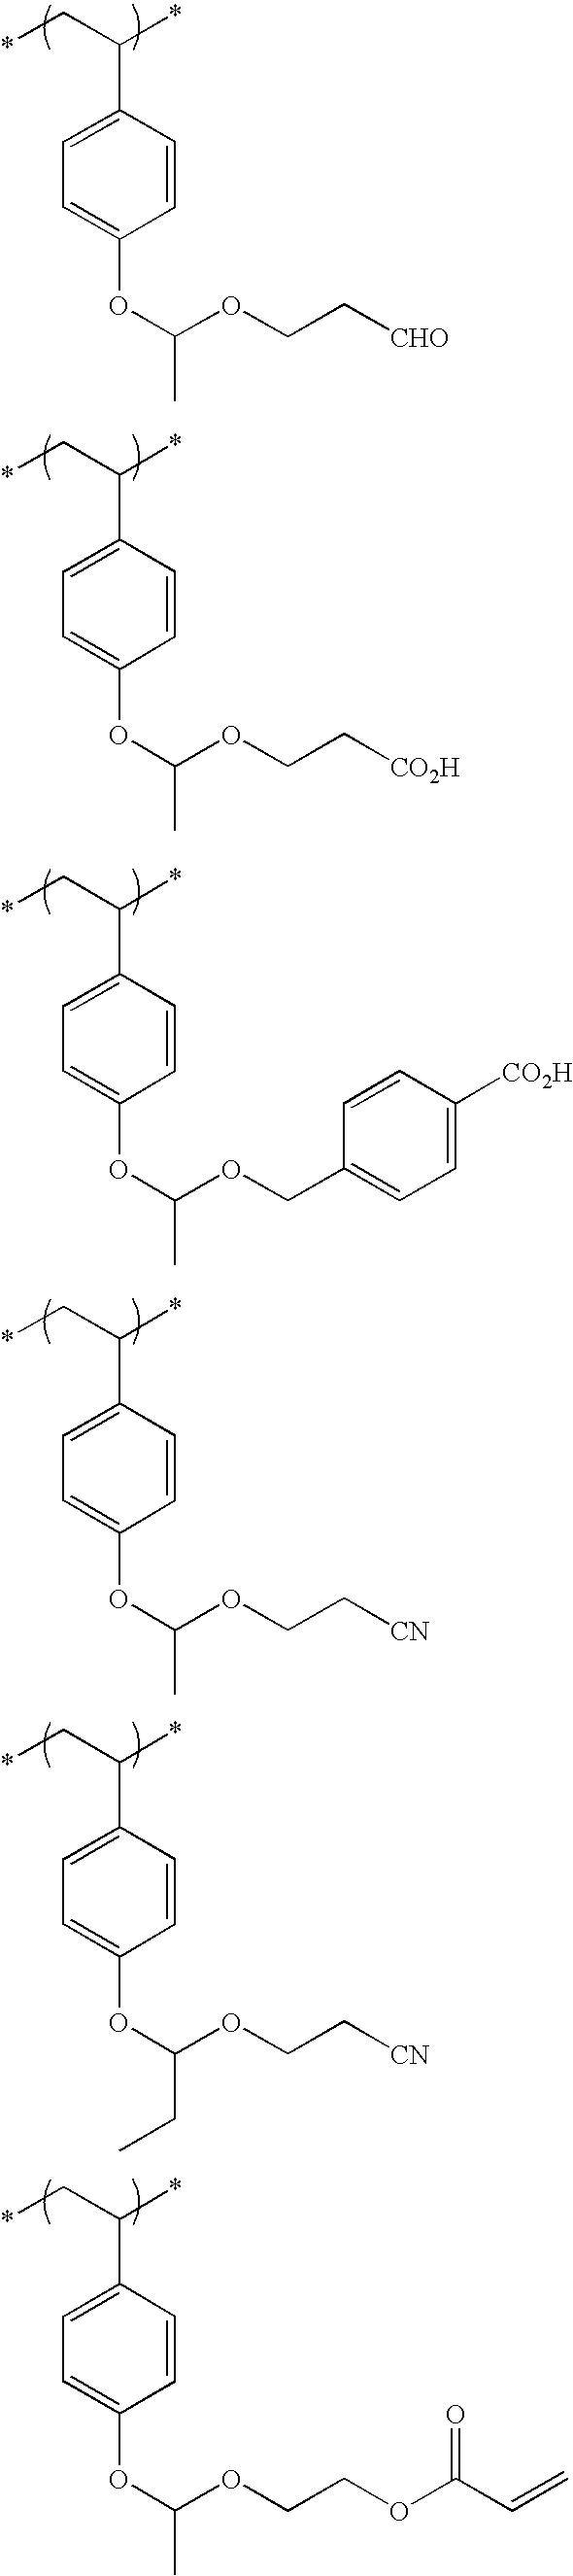 Figure US20100183975A1-20100722-C00095